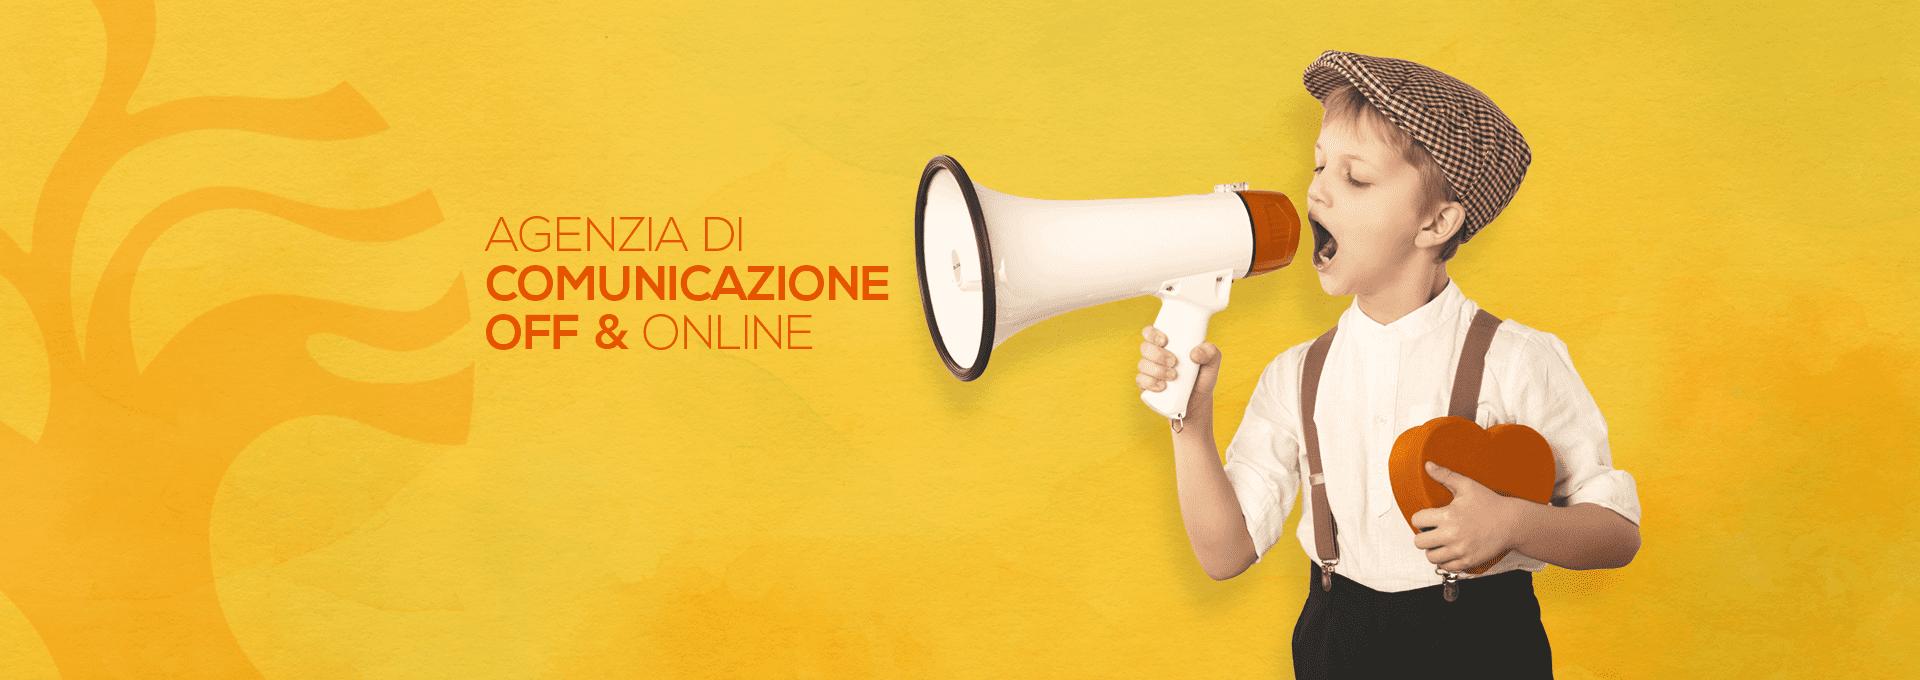 Agenzia di comunicazione off & online